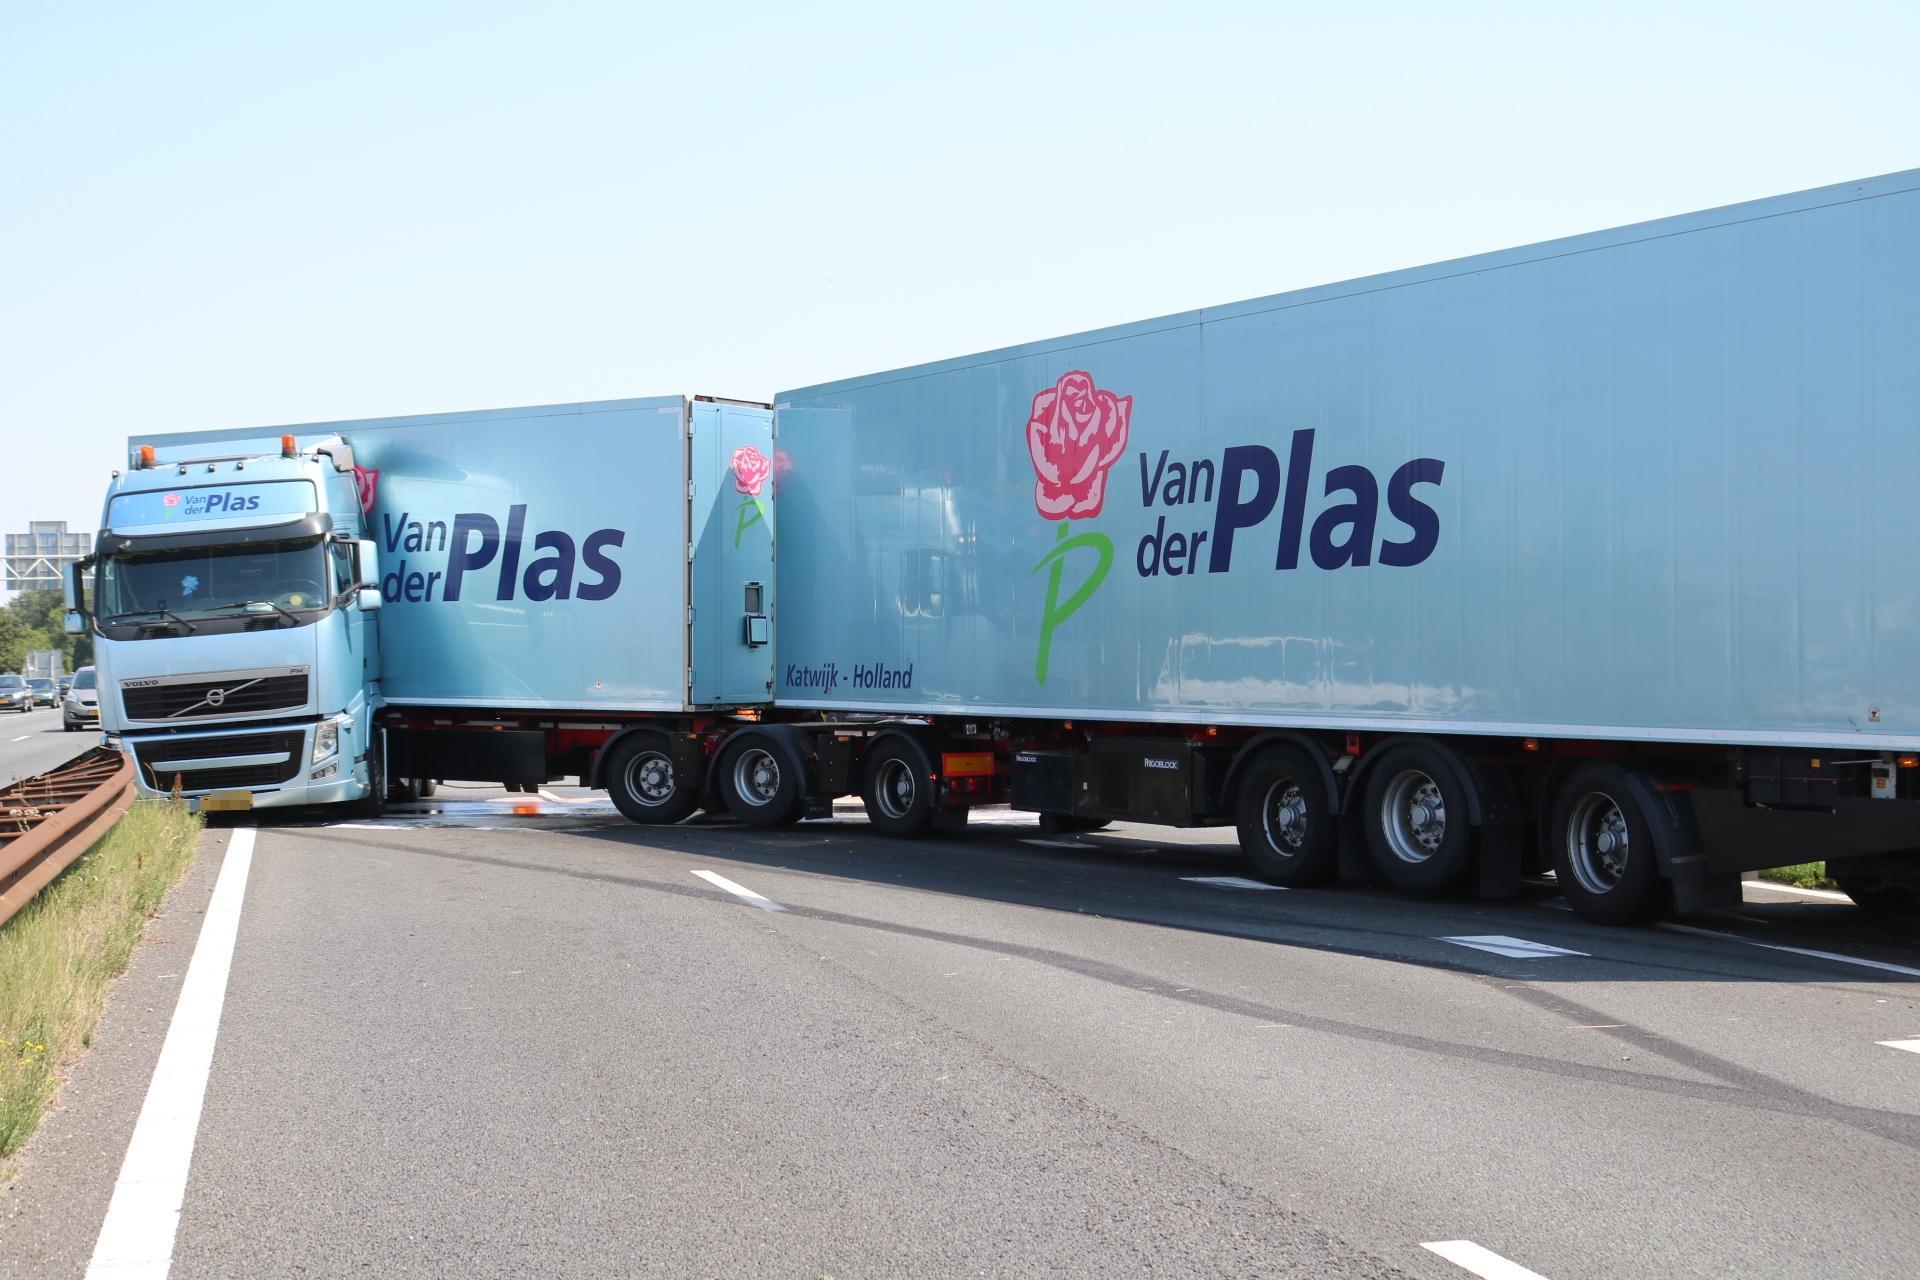 Verkeer urenlang muurvast op snikhete A44 bij Sassenheim na ongeval met vrachtwagen, hulpdiensten massaal ingezet [video's]